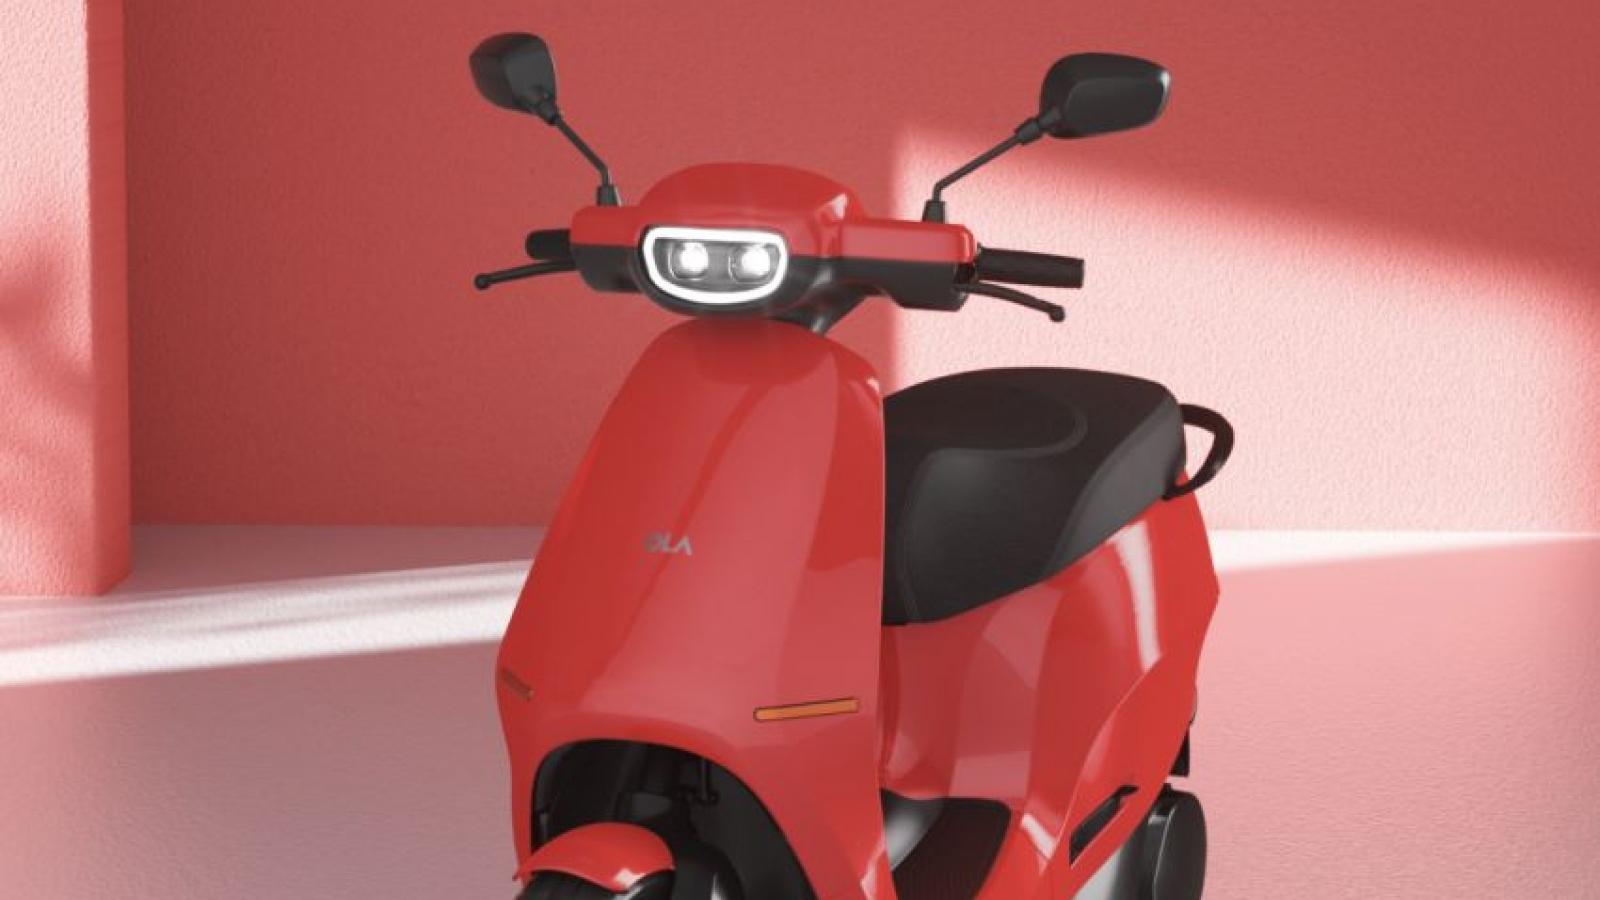 Xe máy điện Ola được trang bị cả công nghệ ô tô